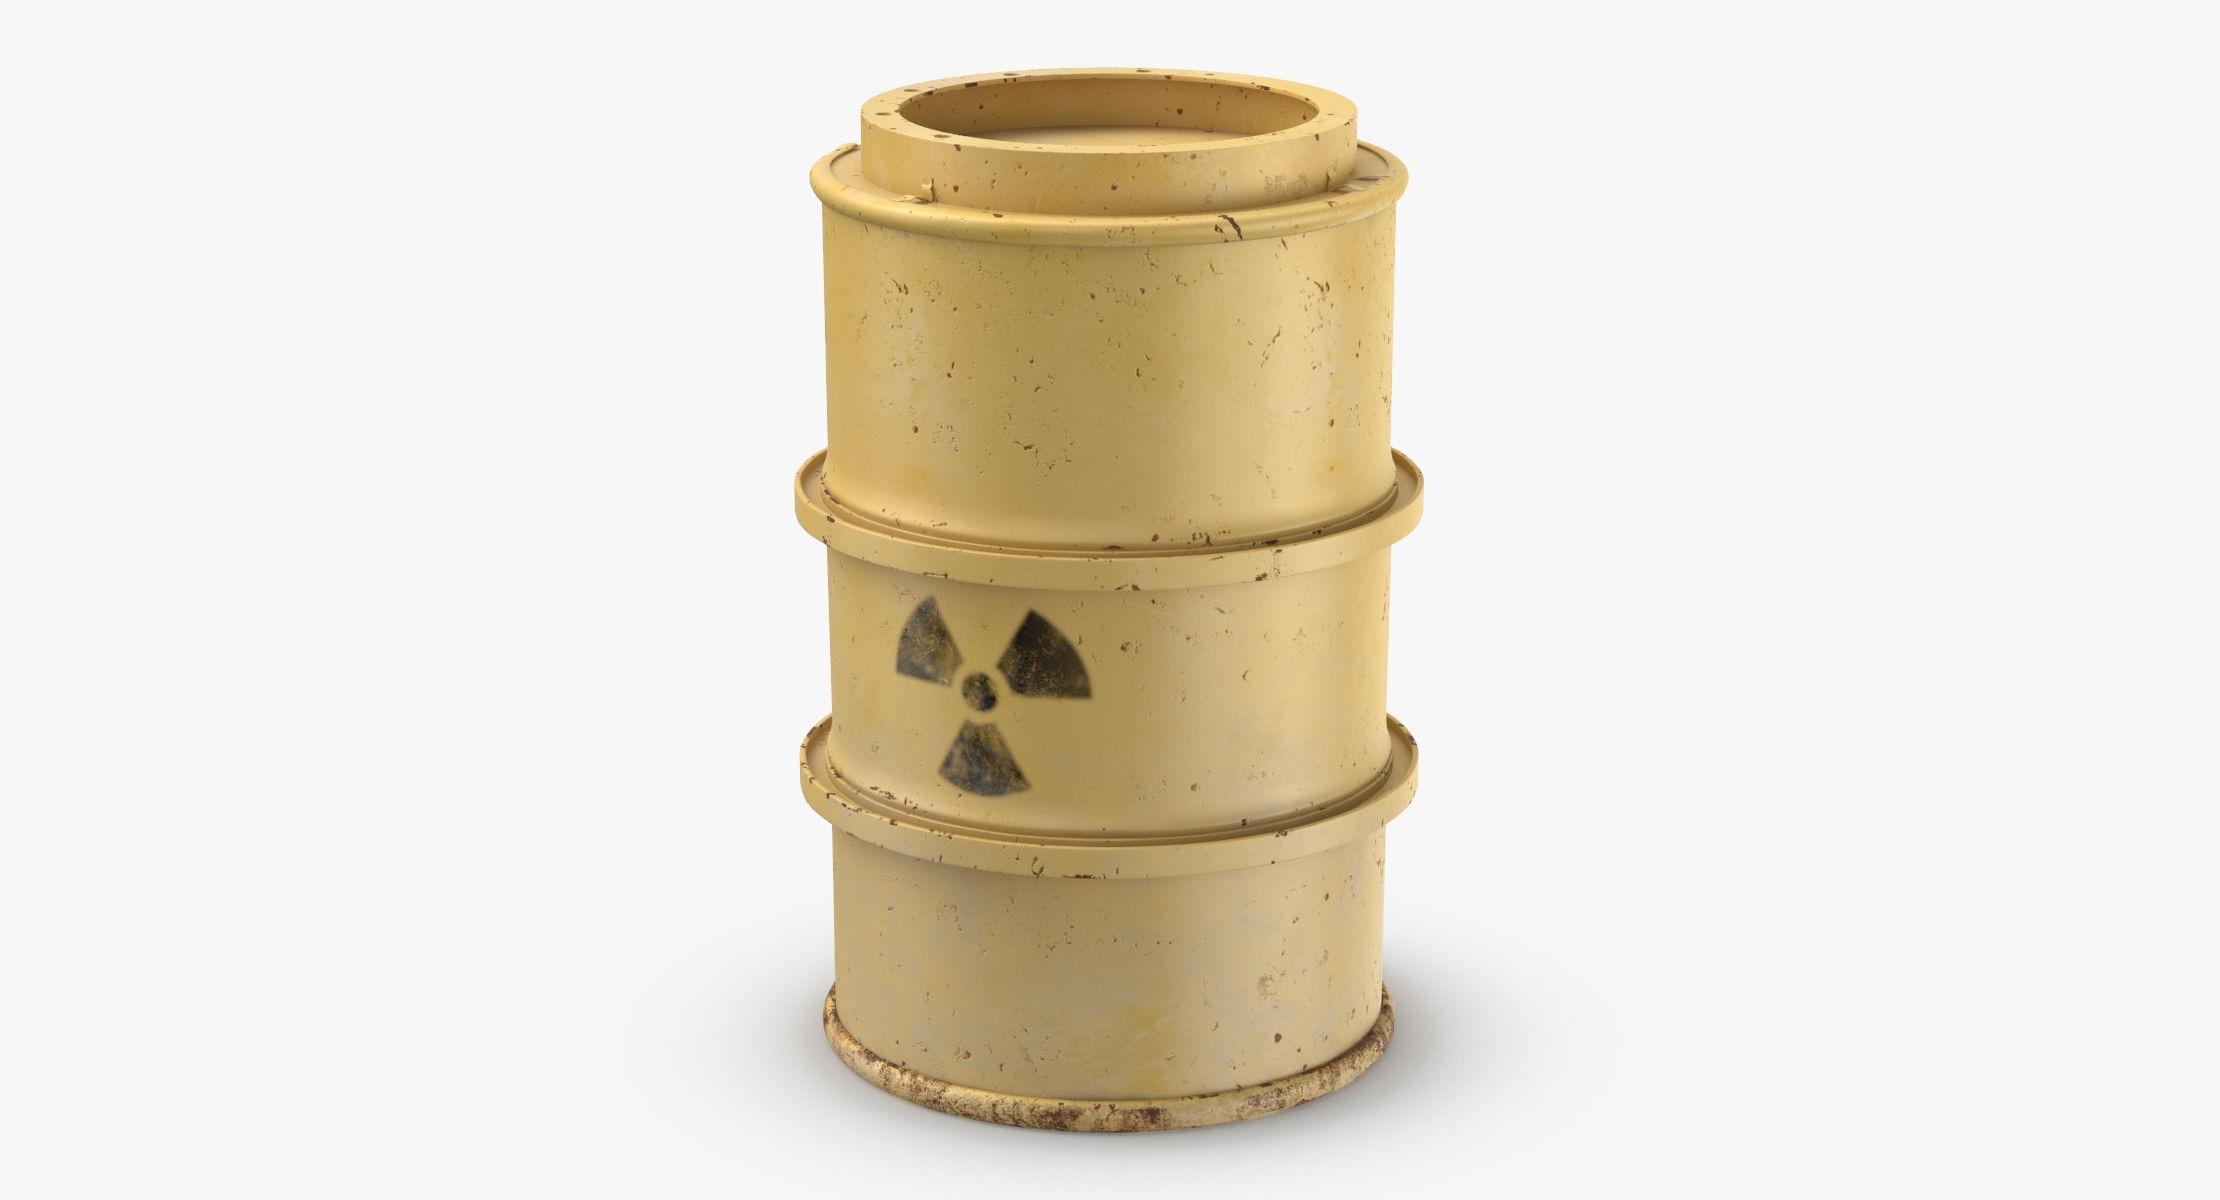 Toxic Waste Drum 01 - reel 1